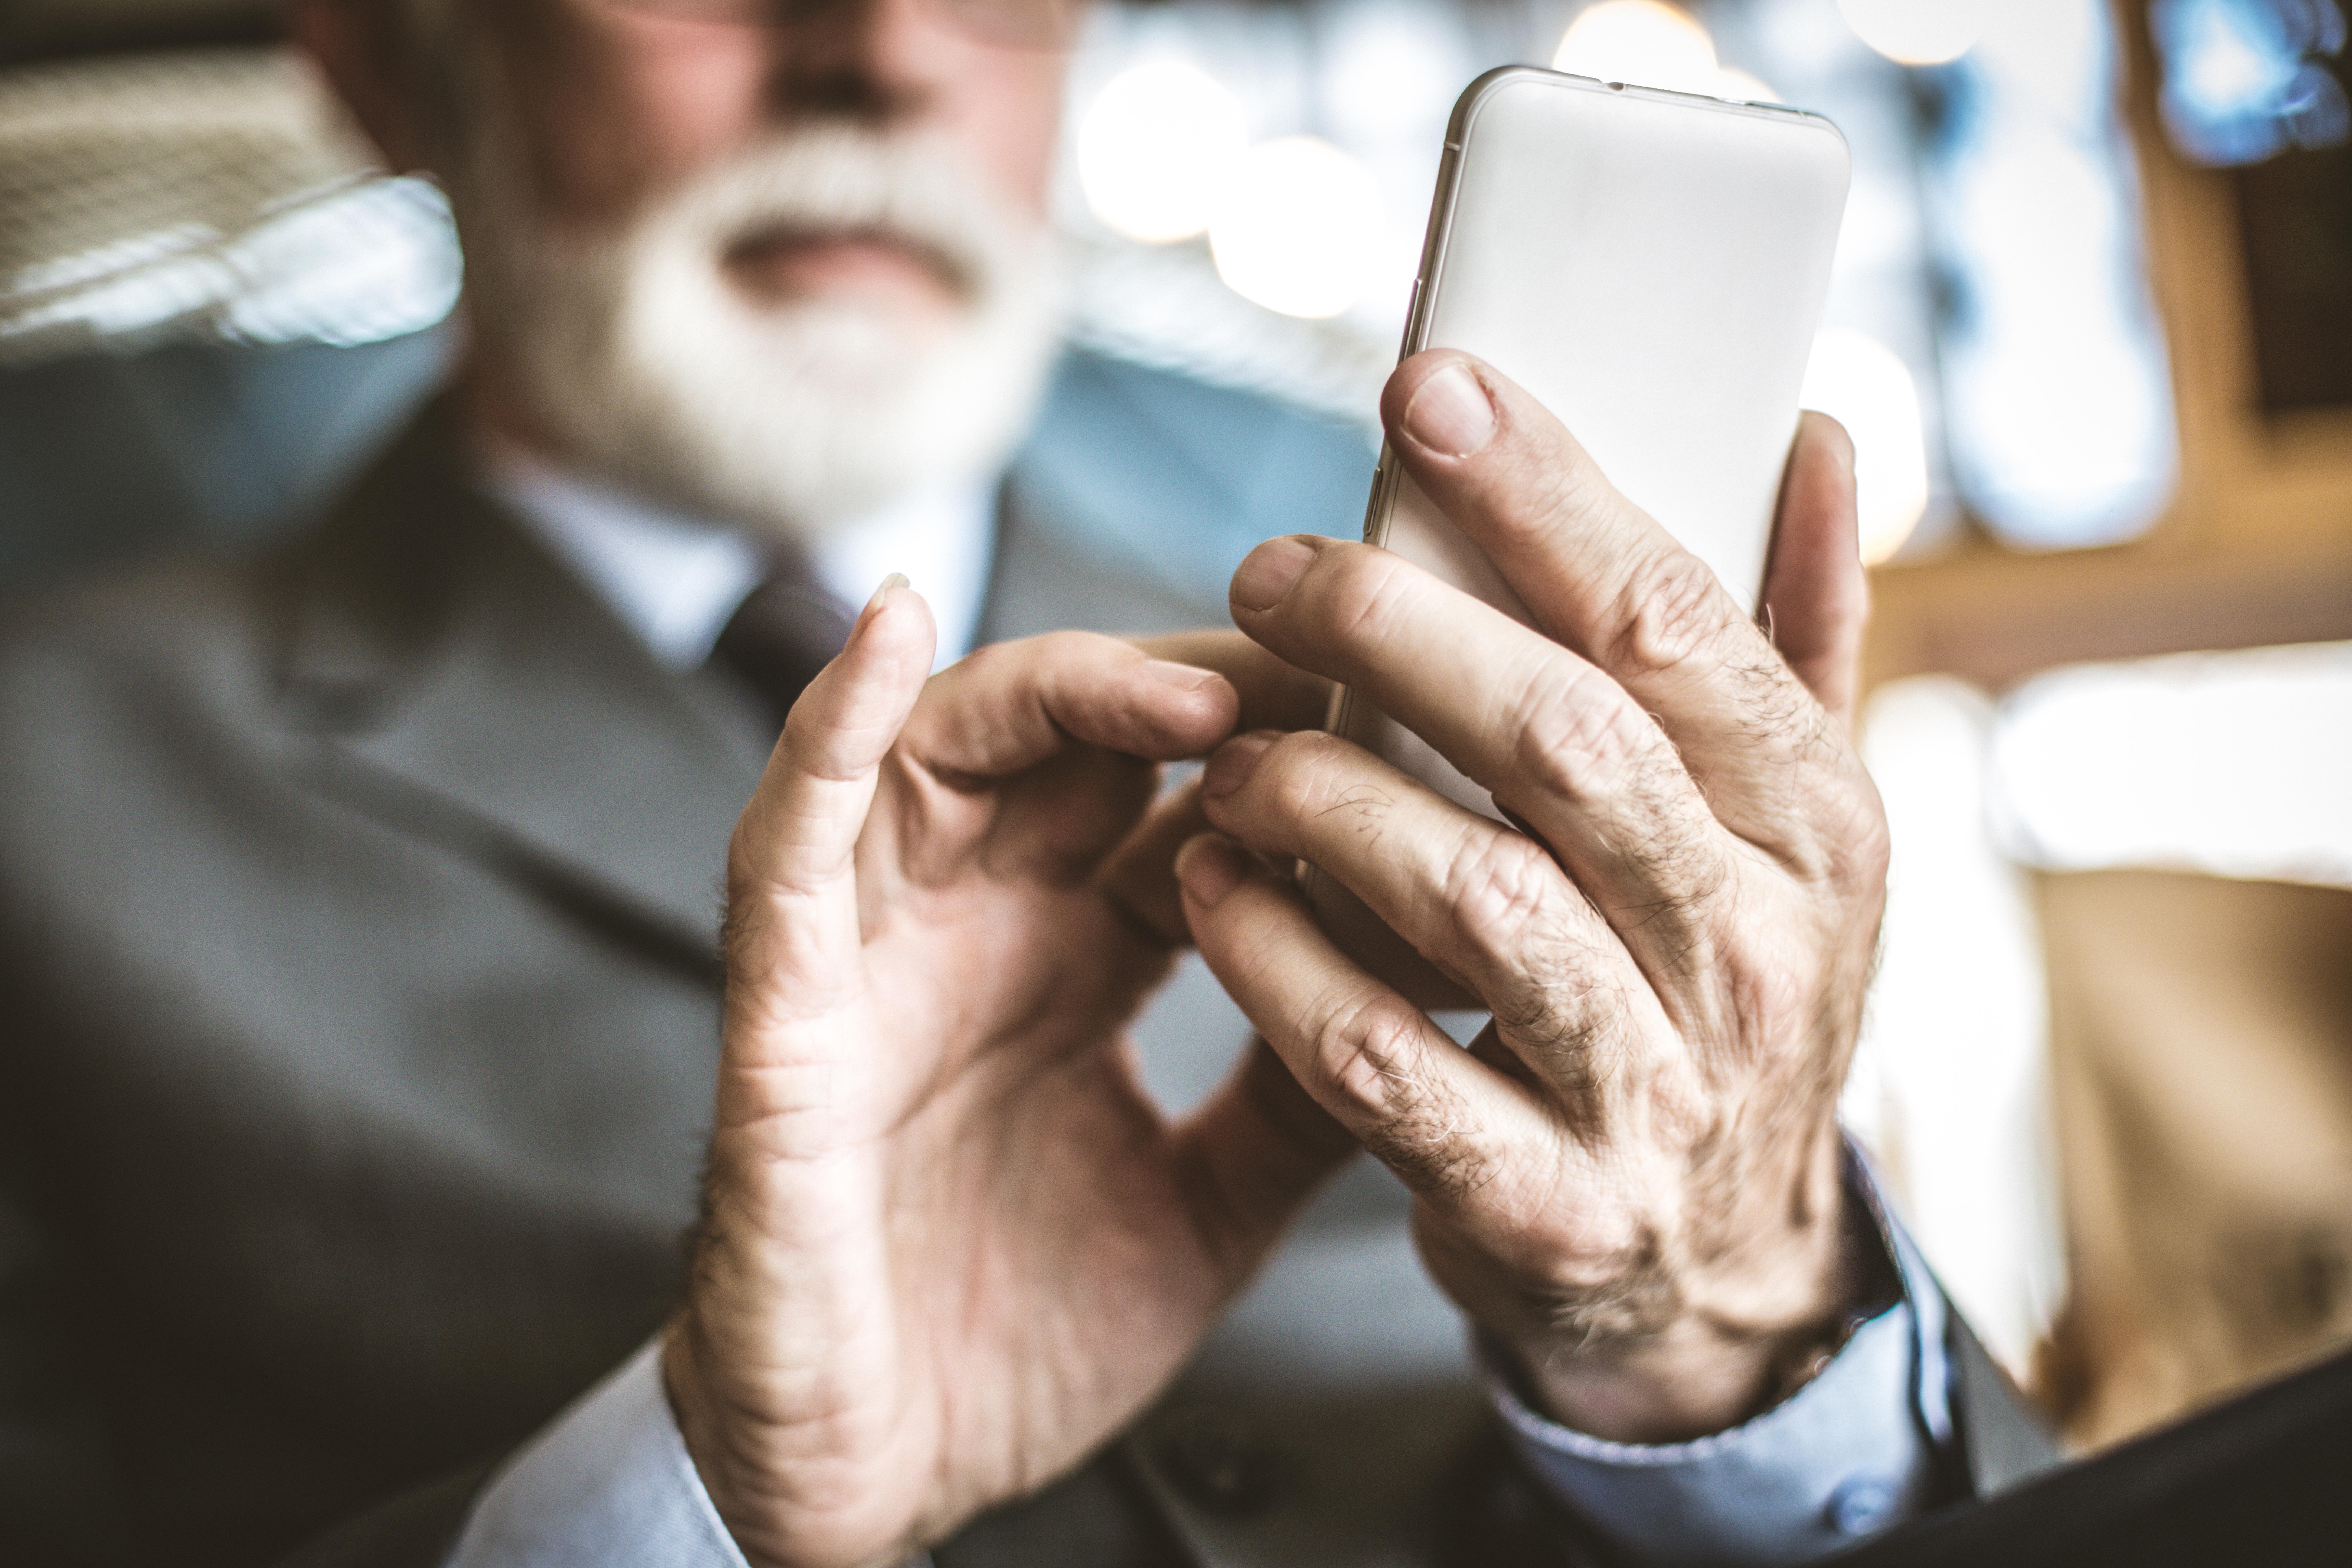 【事例解説】高齢者向けのデジタルサービスの最先端